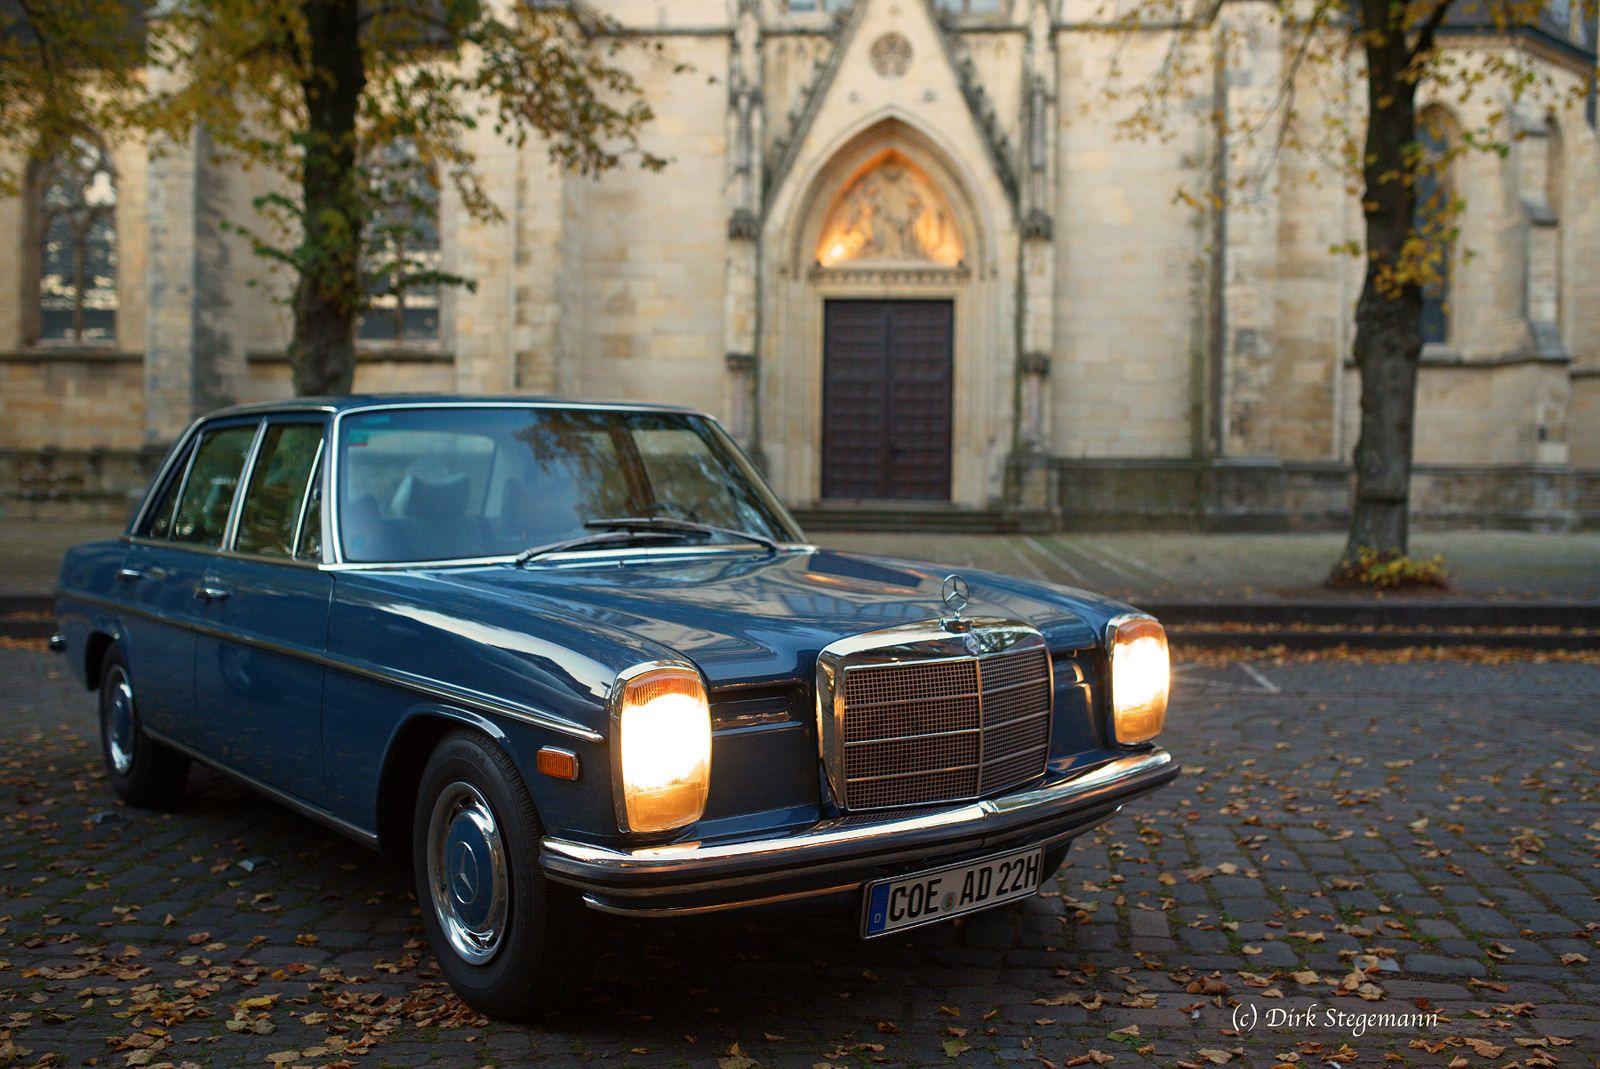 https://flic.kr/p/MPixC3 | Mercedes-Benz in Billerbeck vor dem Dom | Oldtimer W114 im Münsterland. Weitere Bilder sind auf www.oldtimertrecker.de